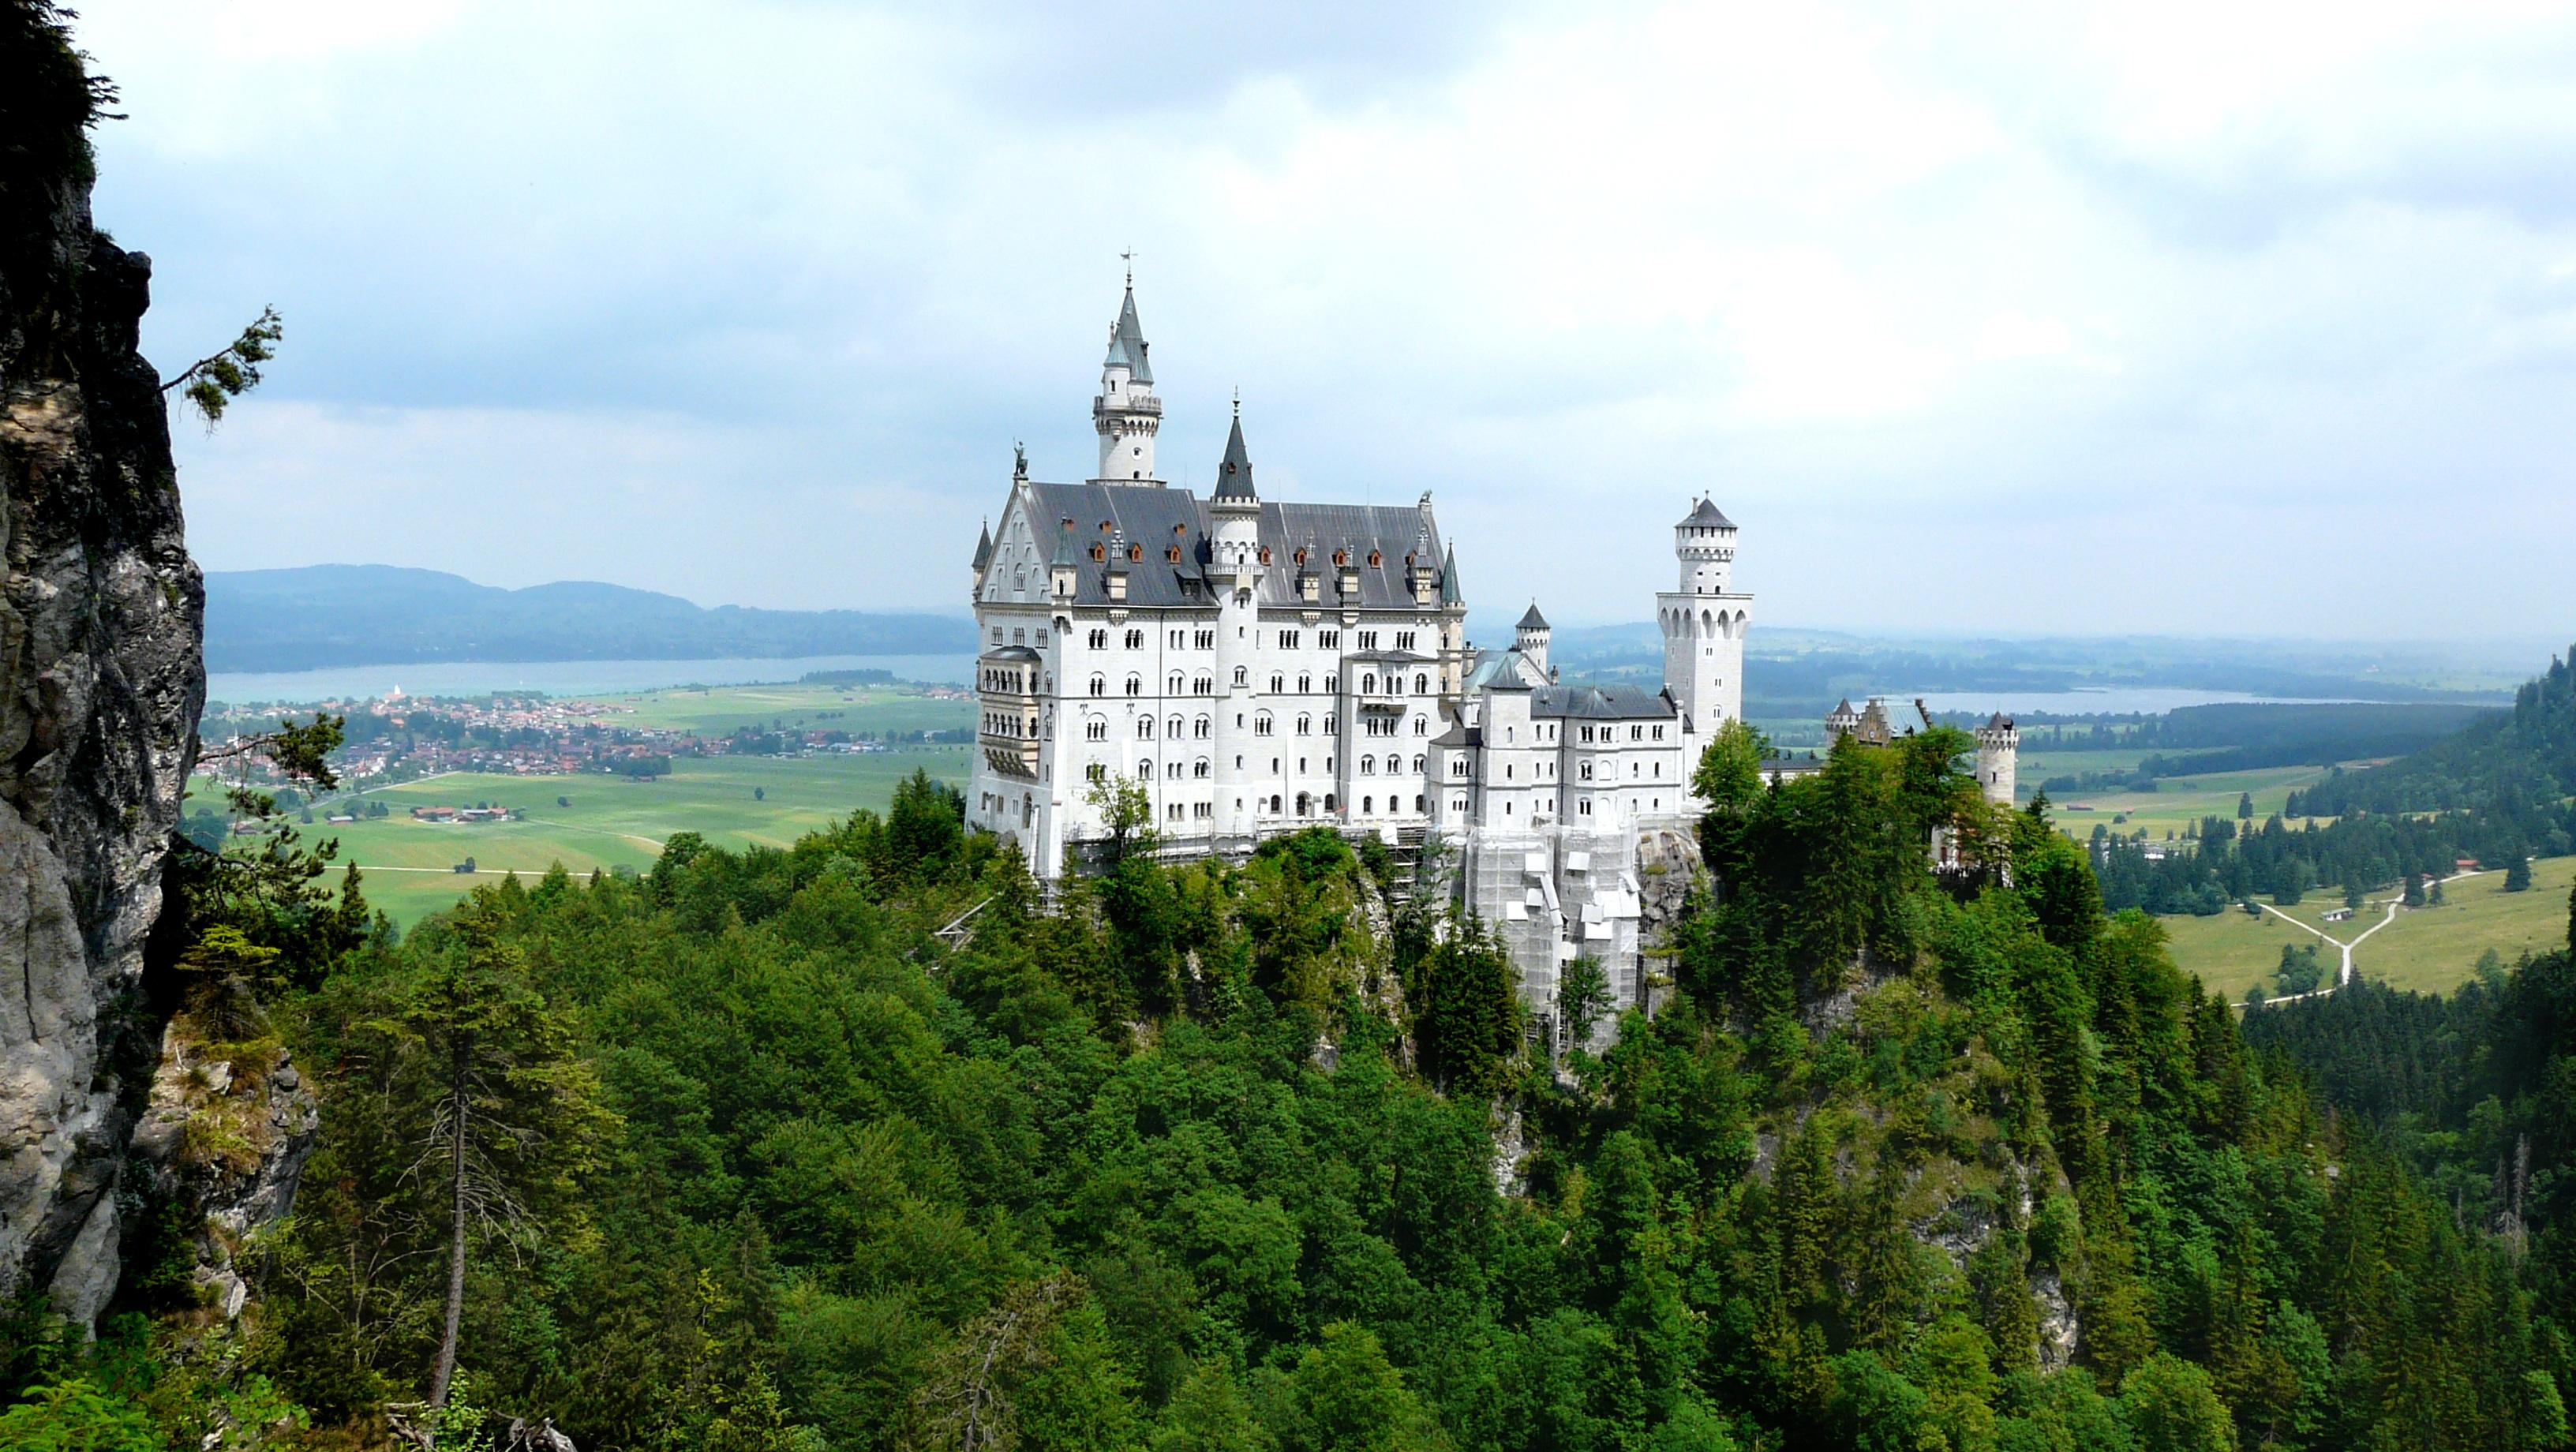 kostenlose foto berg chateau gebirge panorama sommer urlaub schloss wahrzeichen. Black Bedroom Furniture Sets. Home Design Ideas